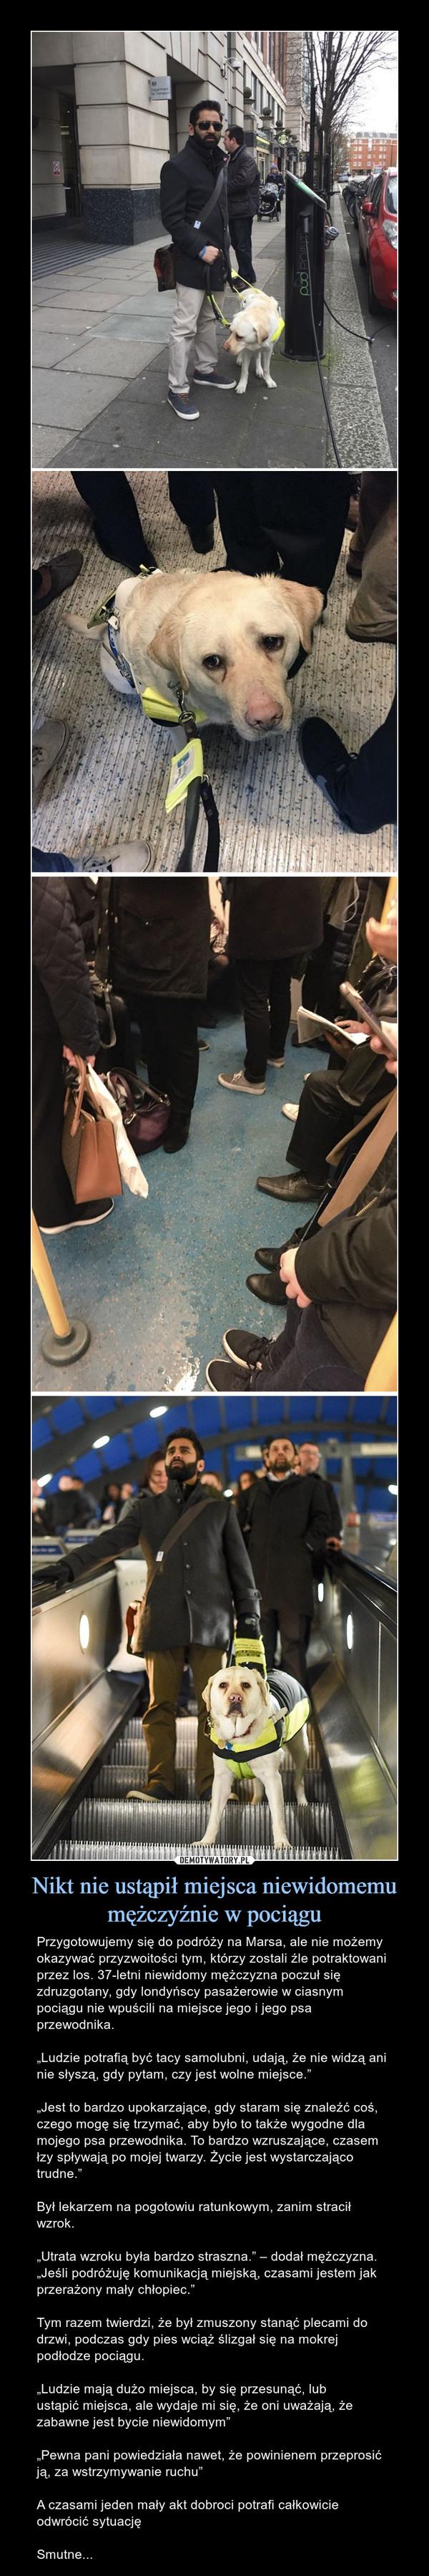 """Nikt nie ustąpił miejsca niewidomemu mężczyźnie w pociągu – Przygotowujemy się do podróży na Marsa, ale nie możemy okazywać przyzwoitości tym, którzy zostali źle potraktowani przez los. 37-letni niewidomy mężczyzna poczuł się zdruzgotany, gdy londyńscy pasażerowie w ciasnym pociągu nie wpuścili na miejsce jego i jego psa przewodnika.""""Ludzie potrafią być tacy samolubni, udają, że nie widzą ani nie słyszą, gdy pytam, czy jest wolne miejsce.""""""""Jest to bardzo upokarzające, gdy staram się znaleźć coś, czego mogę się trzymać, aby było to także wygodne dla mojego psa przewodnika. To bardzo wzruszające, czasem łzy spływają po mojej twarzy. Życie jest wystarczająco trudne.""""Był lekarzem na pogotowiu ratunkowym, zanim stracił wzrok.""""Utrata wzroku była bardzo straszna."""" – dodał mężczyzna. """"Jeśli podróżuję komunikacją miejską, czasami jestem jak przerażony mały chłopiec."""" Tym razem twierdzi, że był zmuszony stanąć plecami do drzwi, podczas gdy pies wciąż ślizgał się na mokrej podłodze pociągu.""""Ludzie mają dużo miejsca, by się przesunąć, lub ustąpić miejsca, ale wydaje mi się, że oni uważają, że zabawne jest bycie niewidomym""""""""Pewna pani powiedziała nawet, że powinienem przeprosić ją, za wstrzymywanie ruchu""""A czasami jeden mały akt dobroci potrafi całkowicie odwrócić sytuacjęSmutne..."""